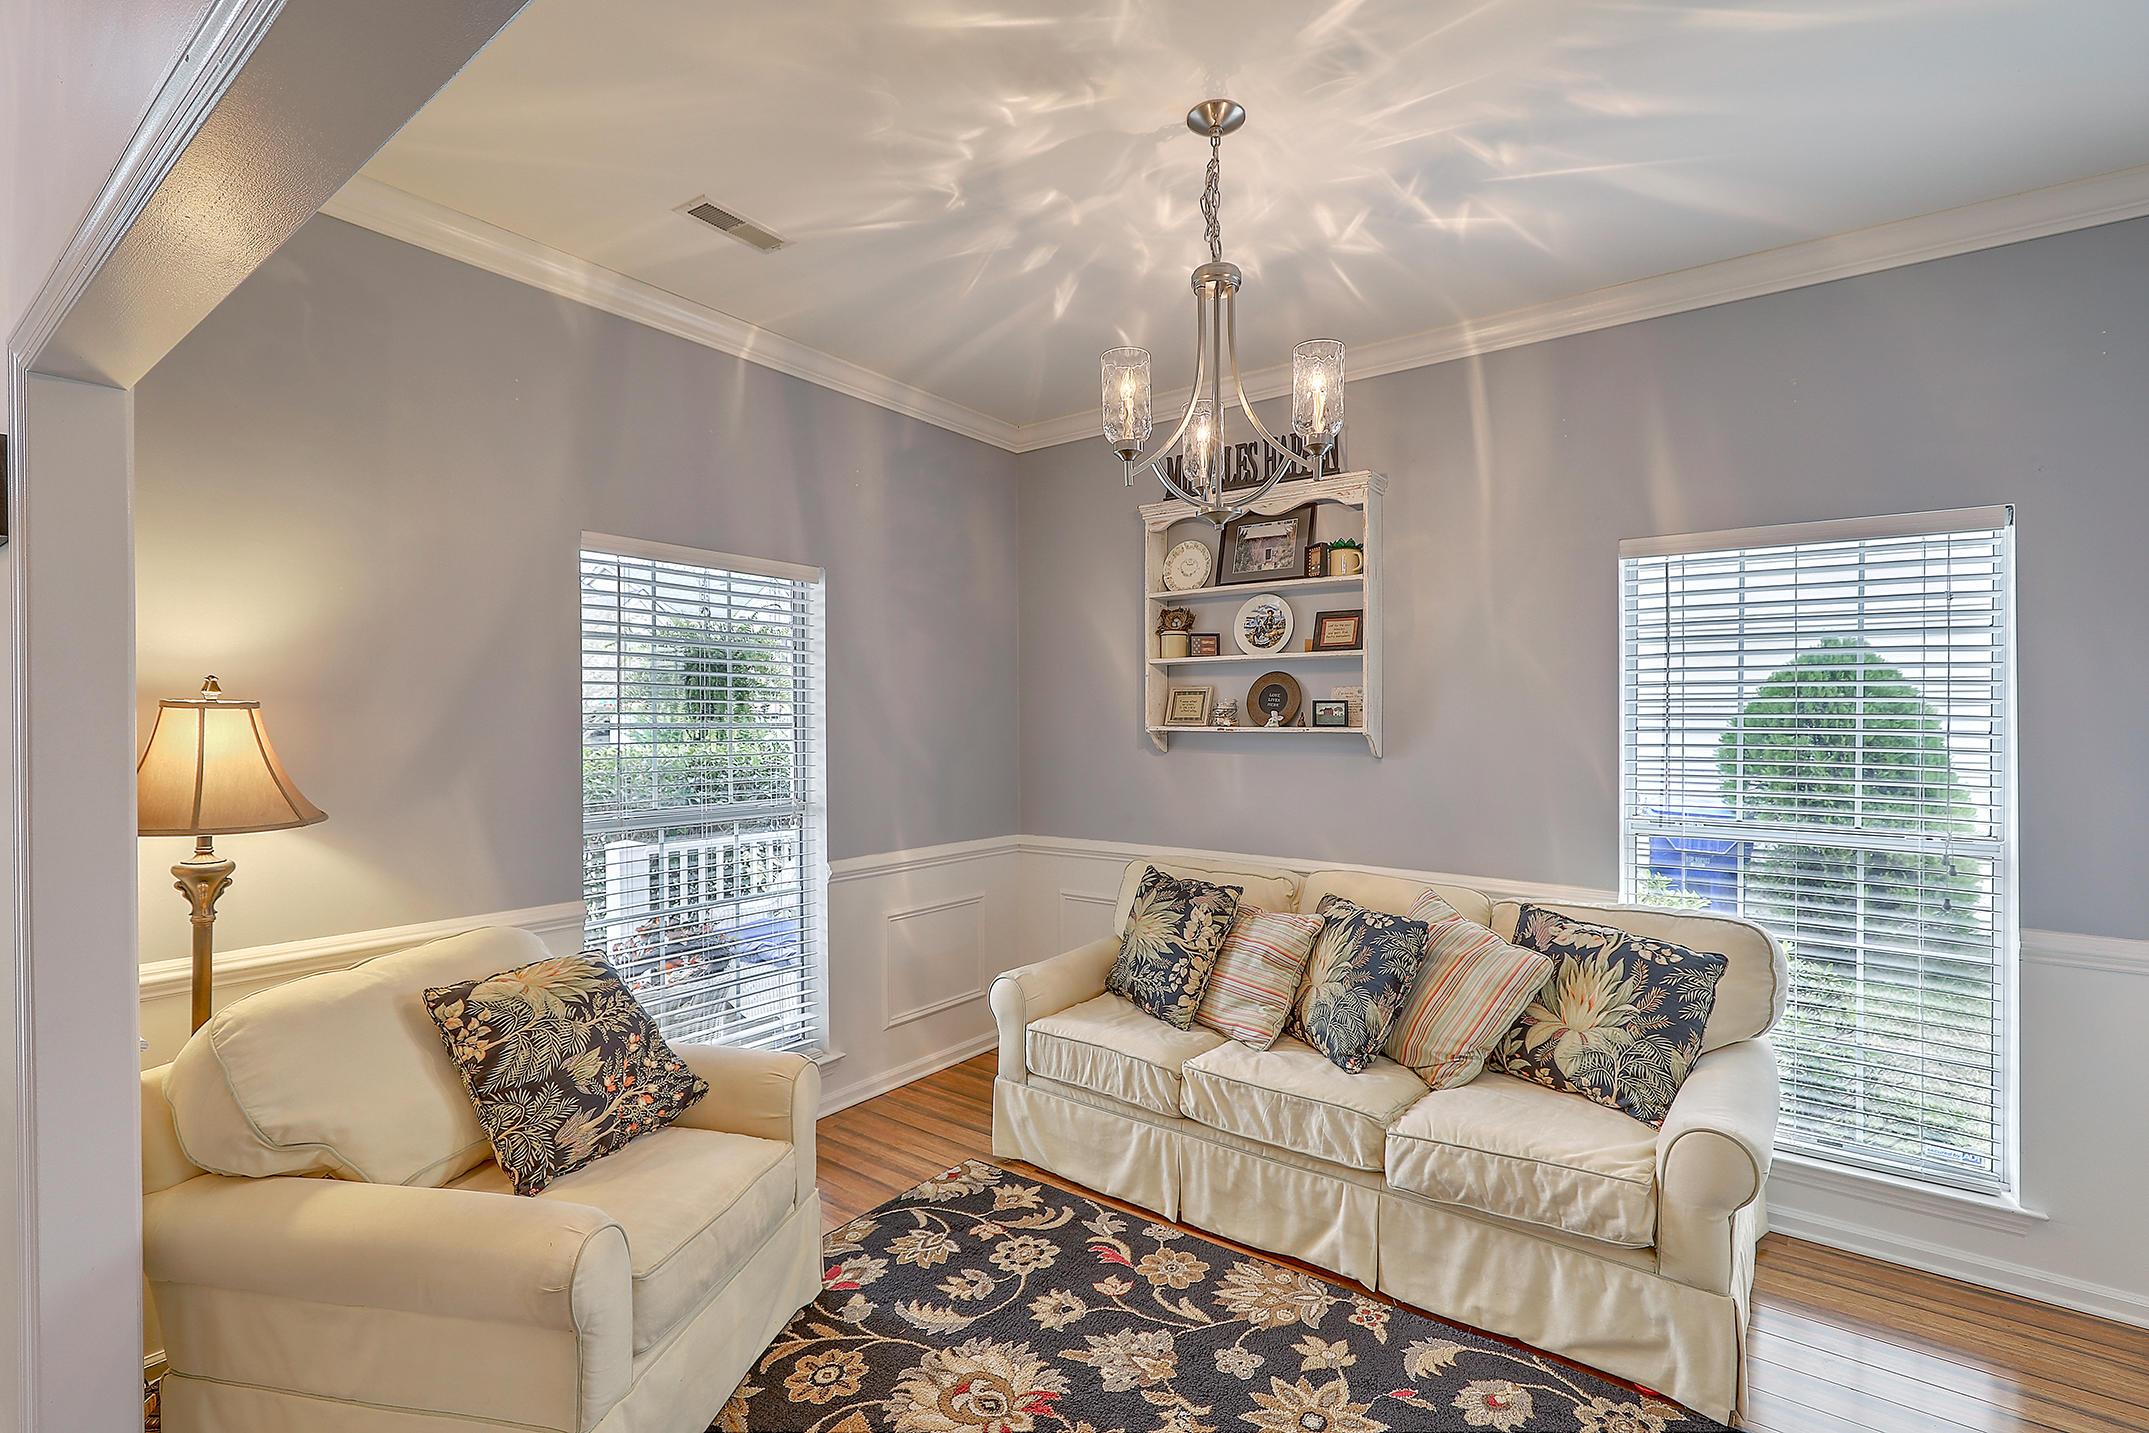 Park West Homes For Sale - 2388 Parsonage Woods, Mount Pleasant, SC - 27